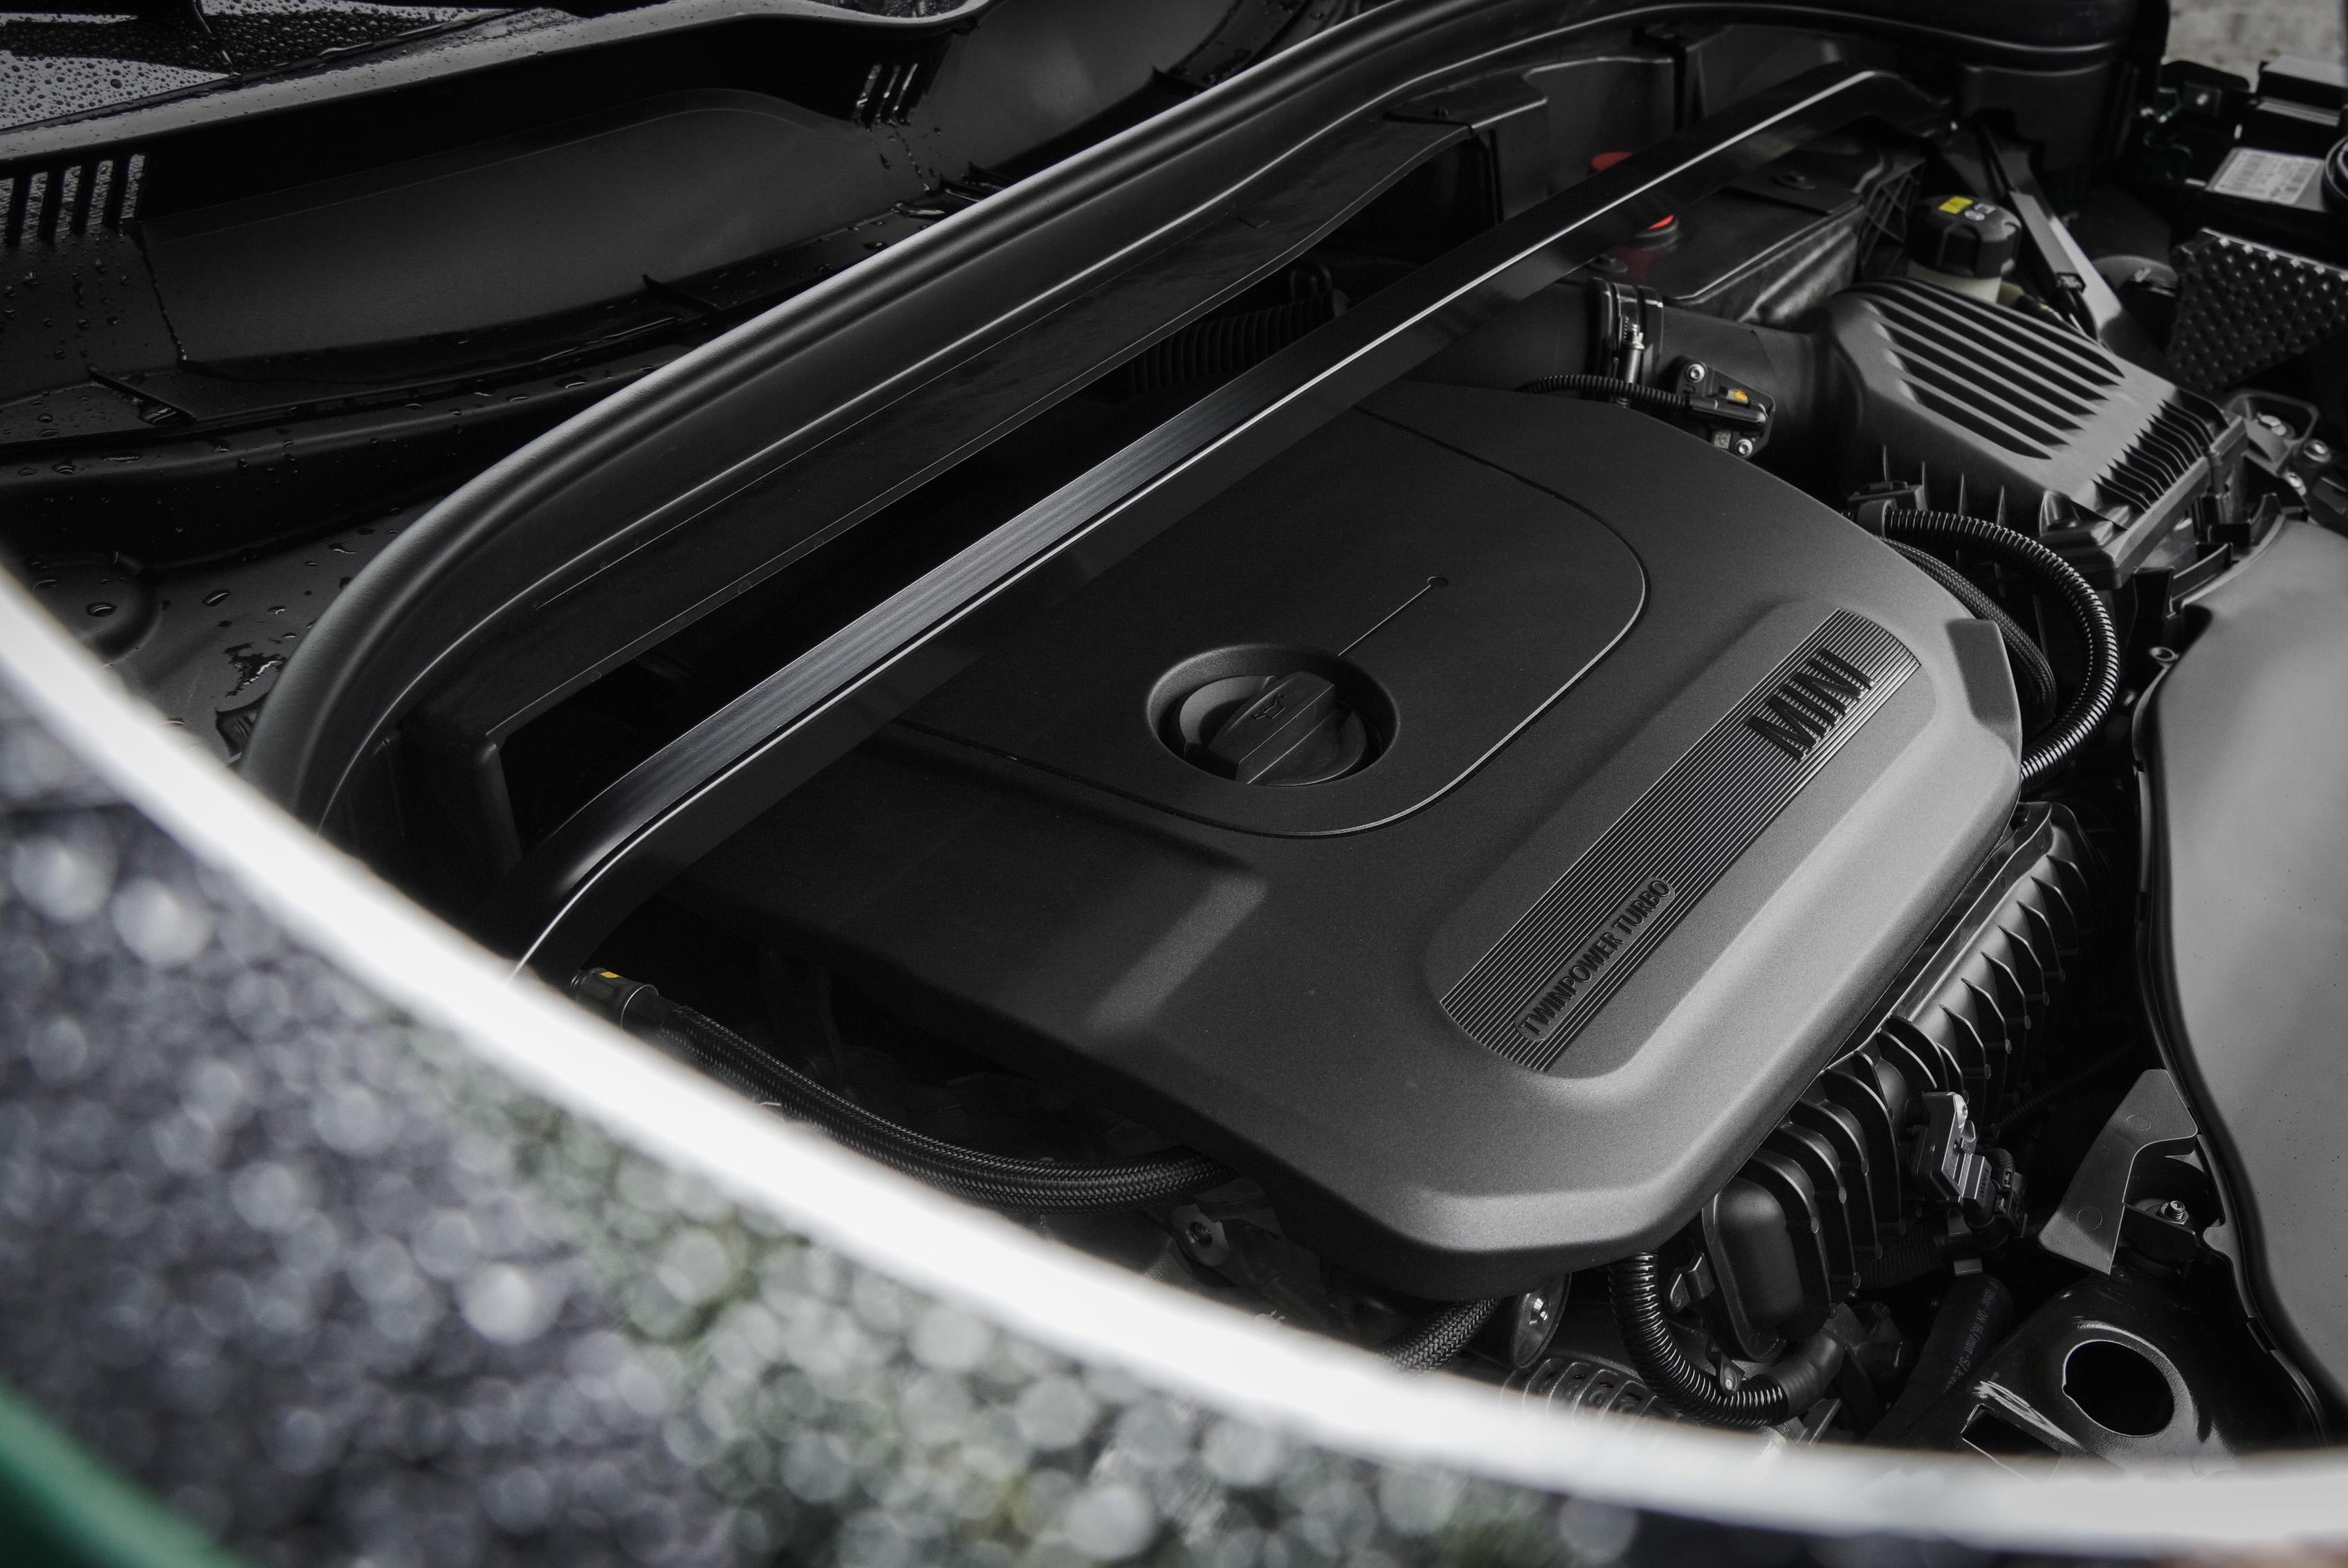 原廠代號 B38 TwinPower Turbo 直列三缸引擎輸出 136hp / 220Nm。